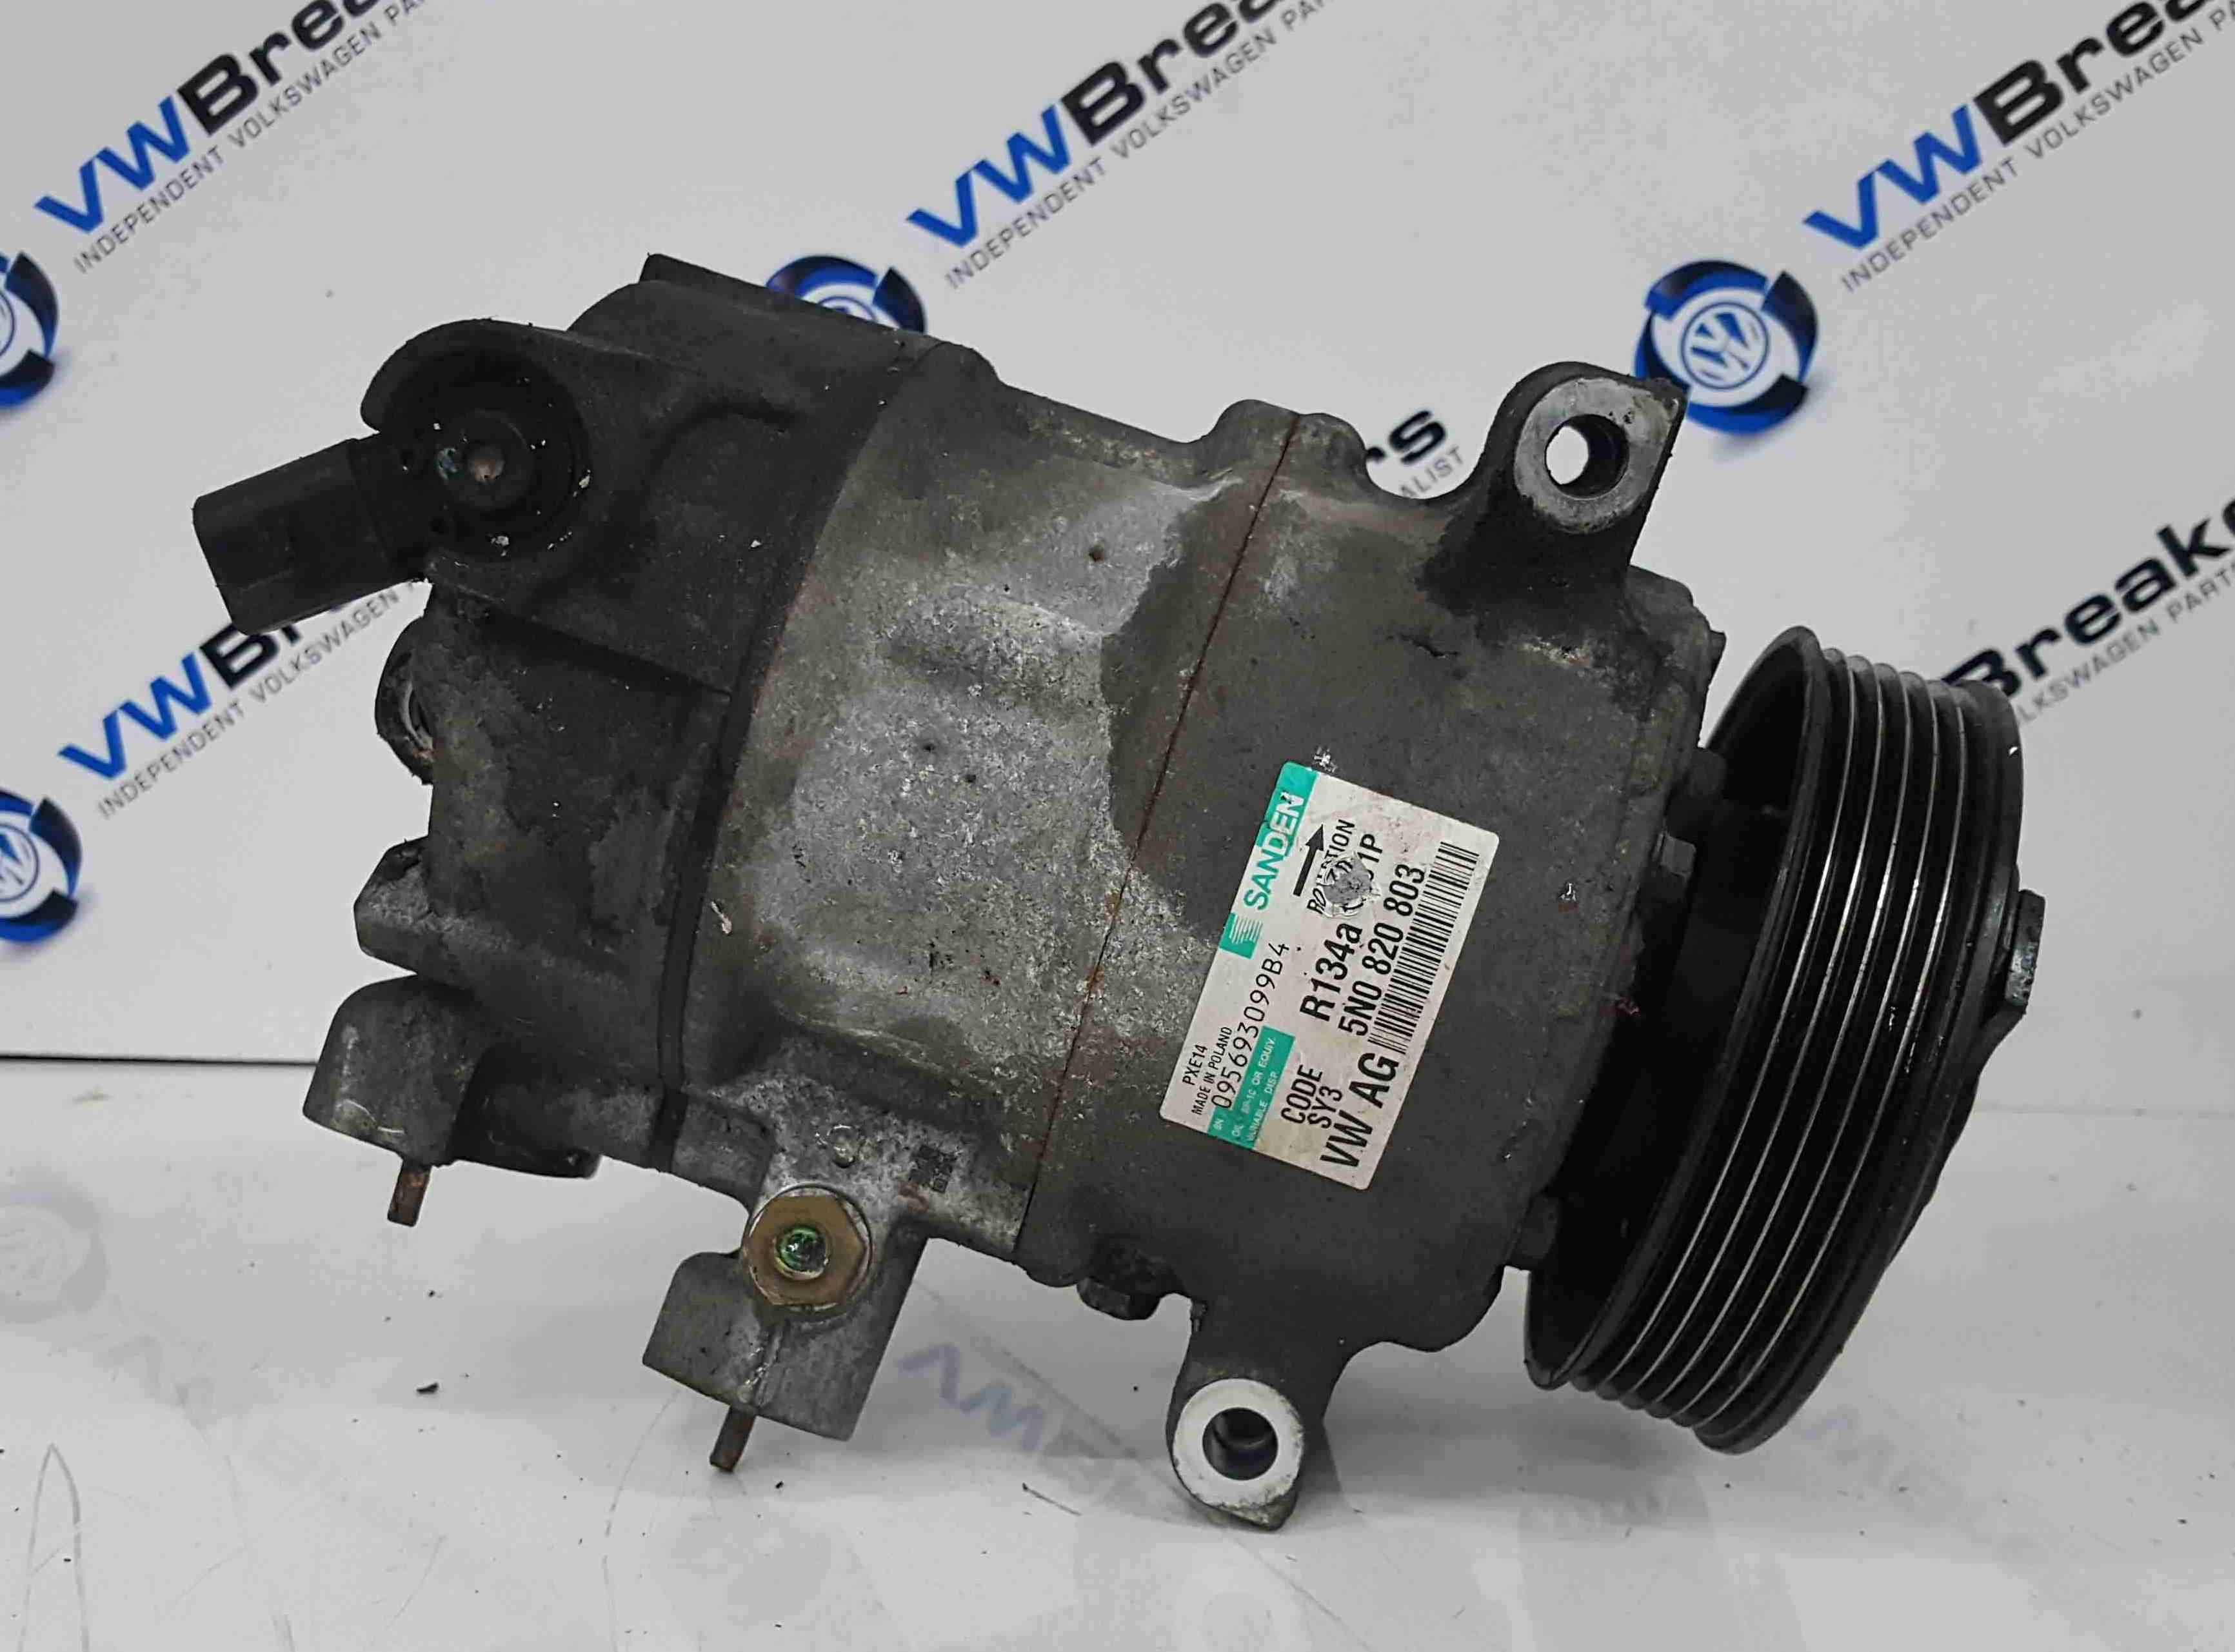 Volkswagen Scirocco 2008-2014 Aircon Pump Compressor Unit 5N0820803